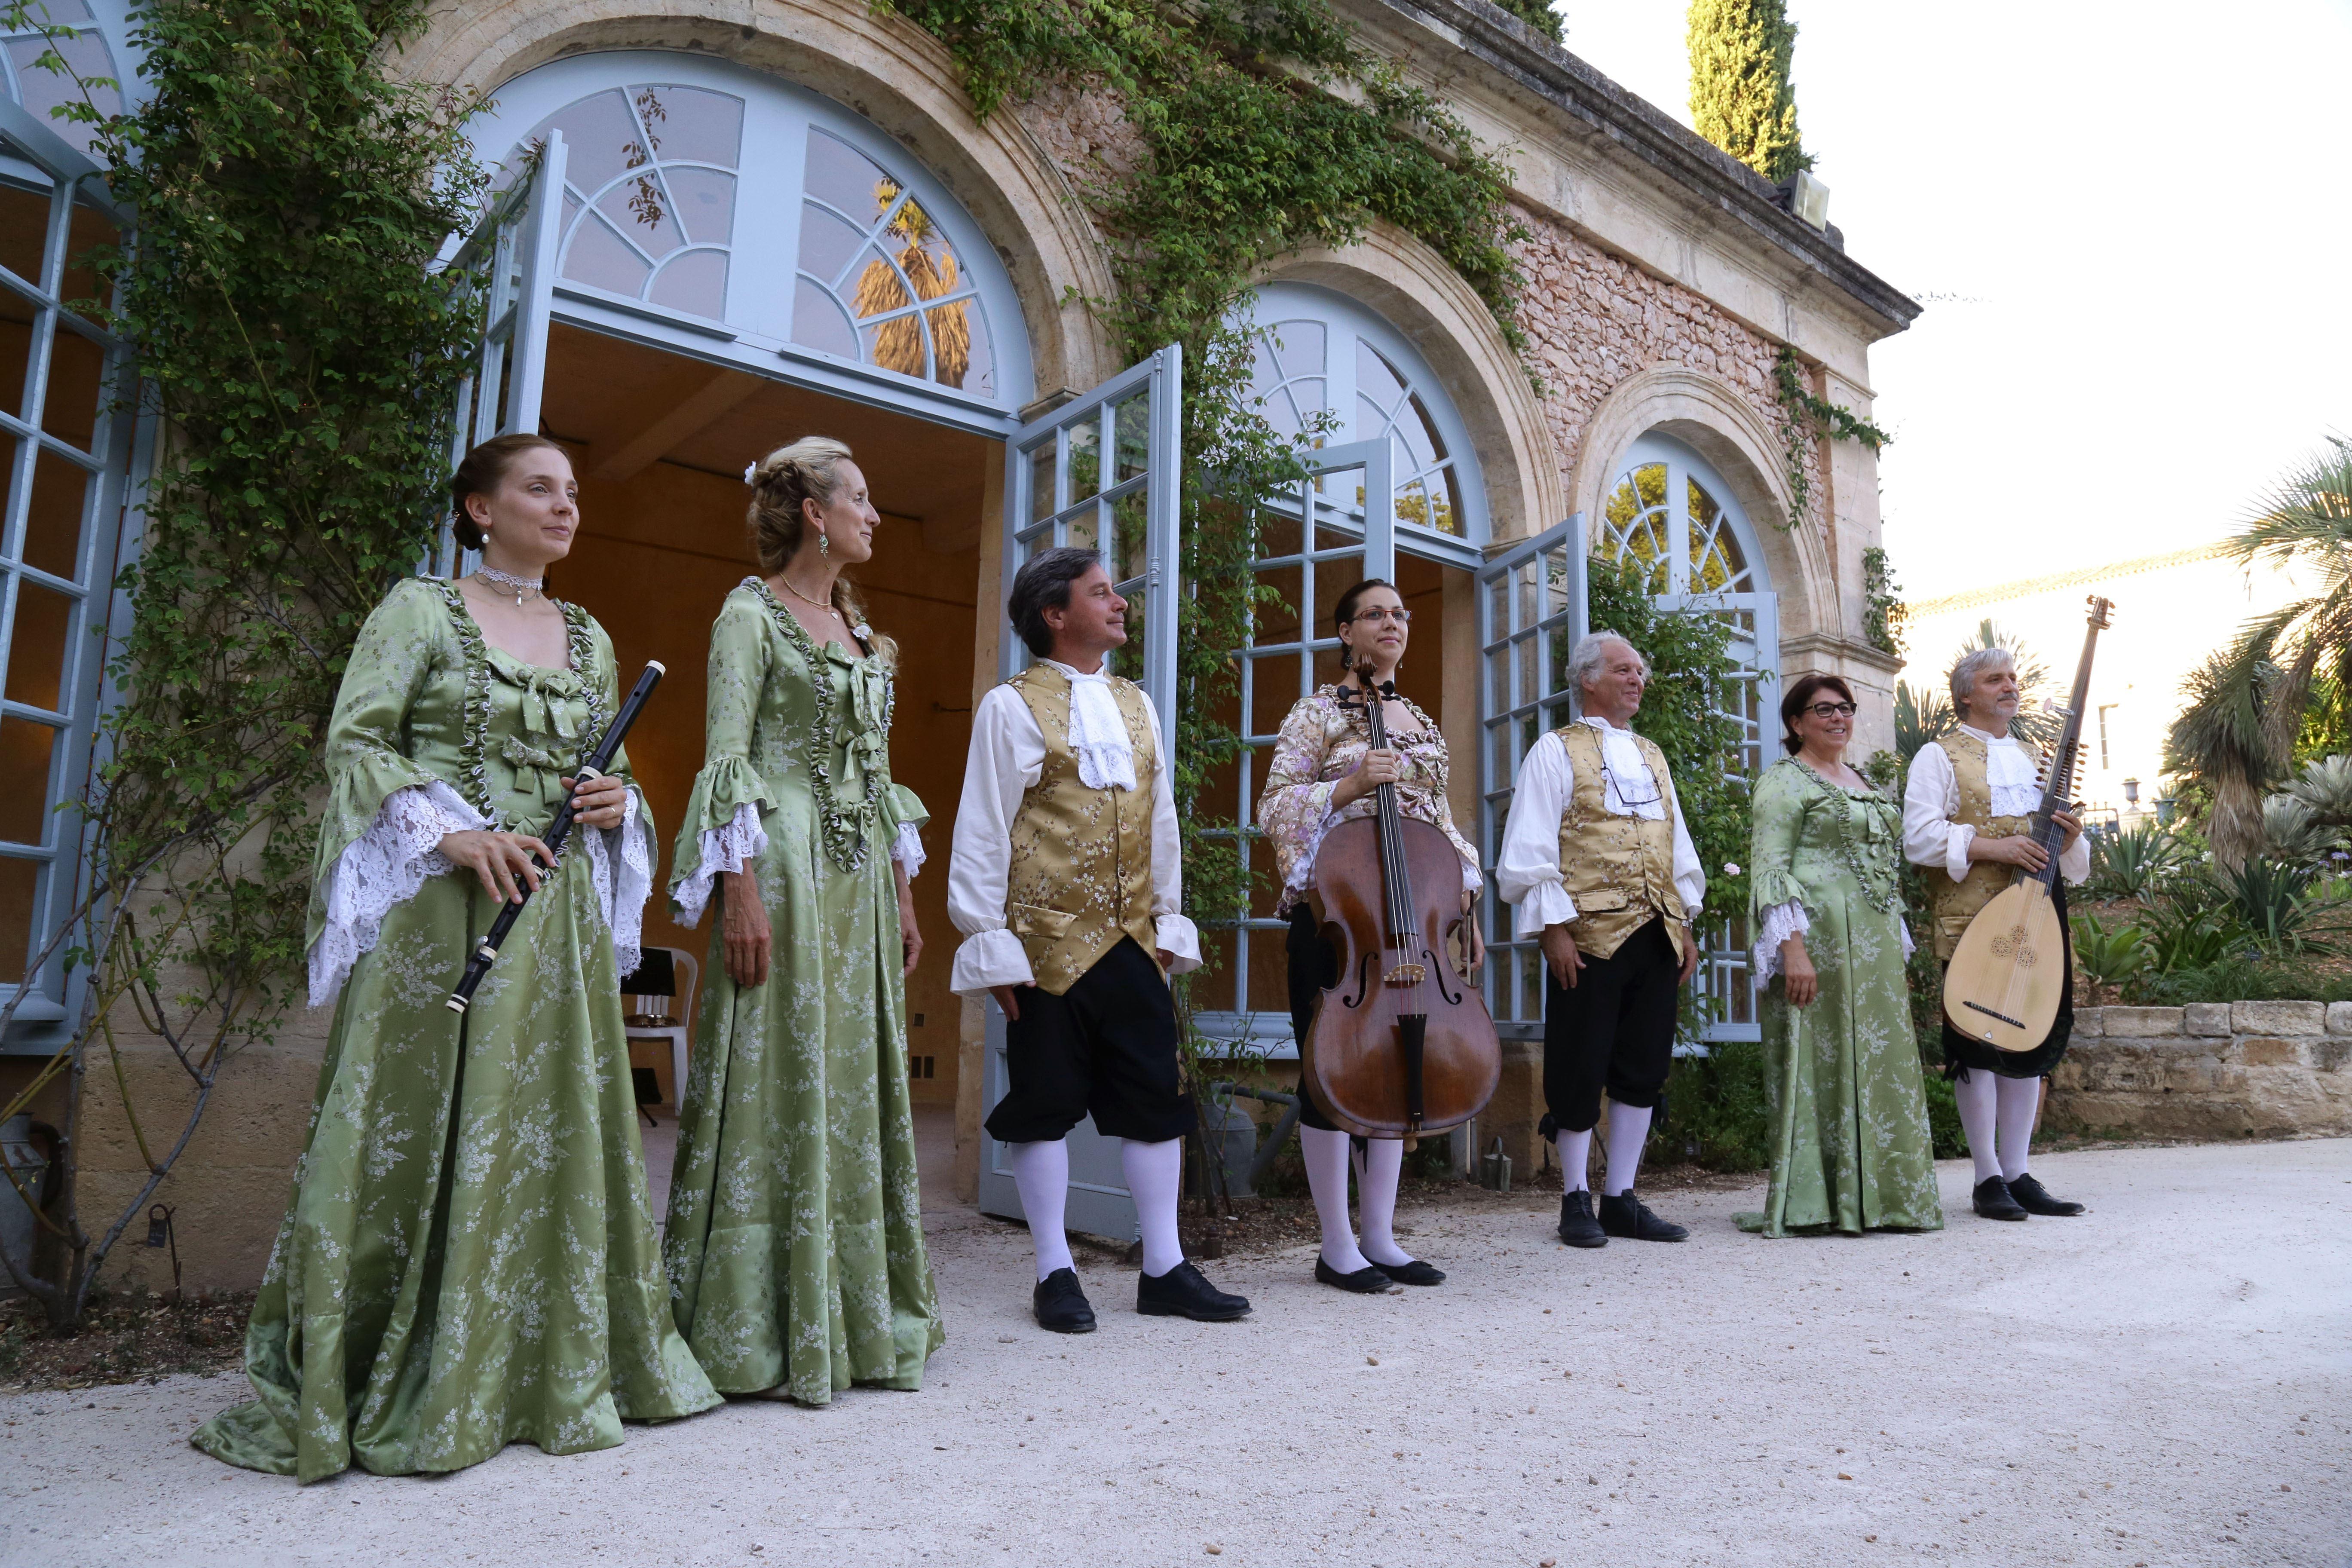 Visite guidée musicale Château de Flaugergues et pique-nique sous les étoiles